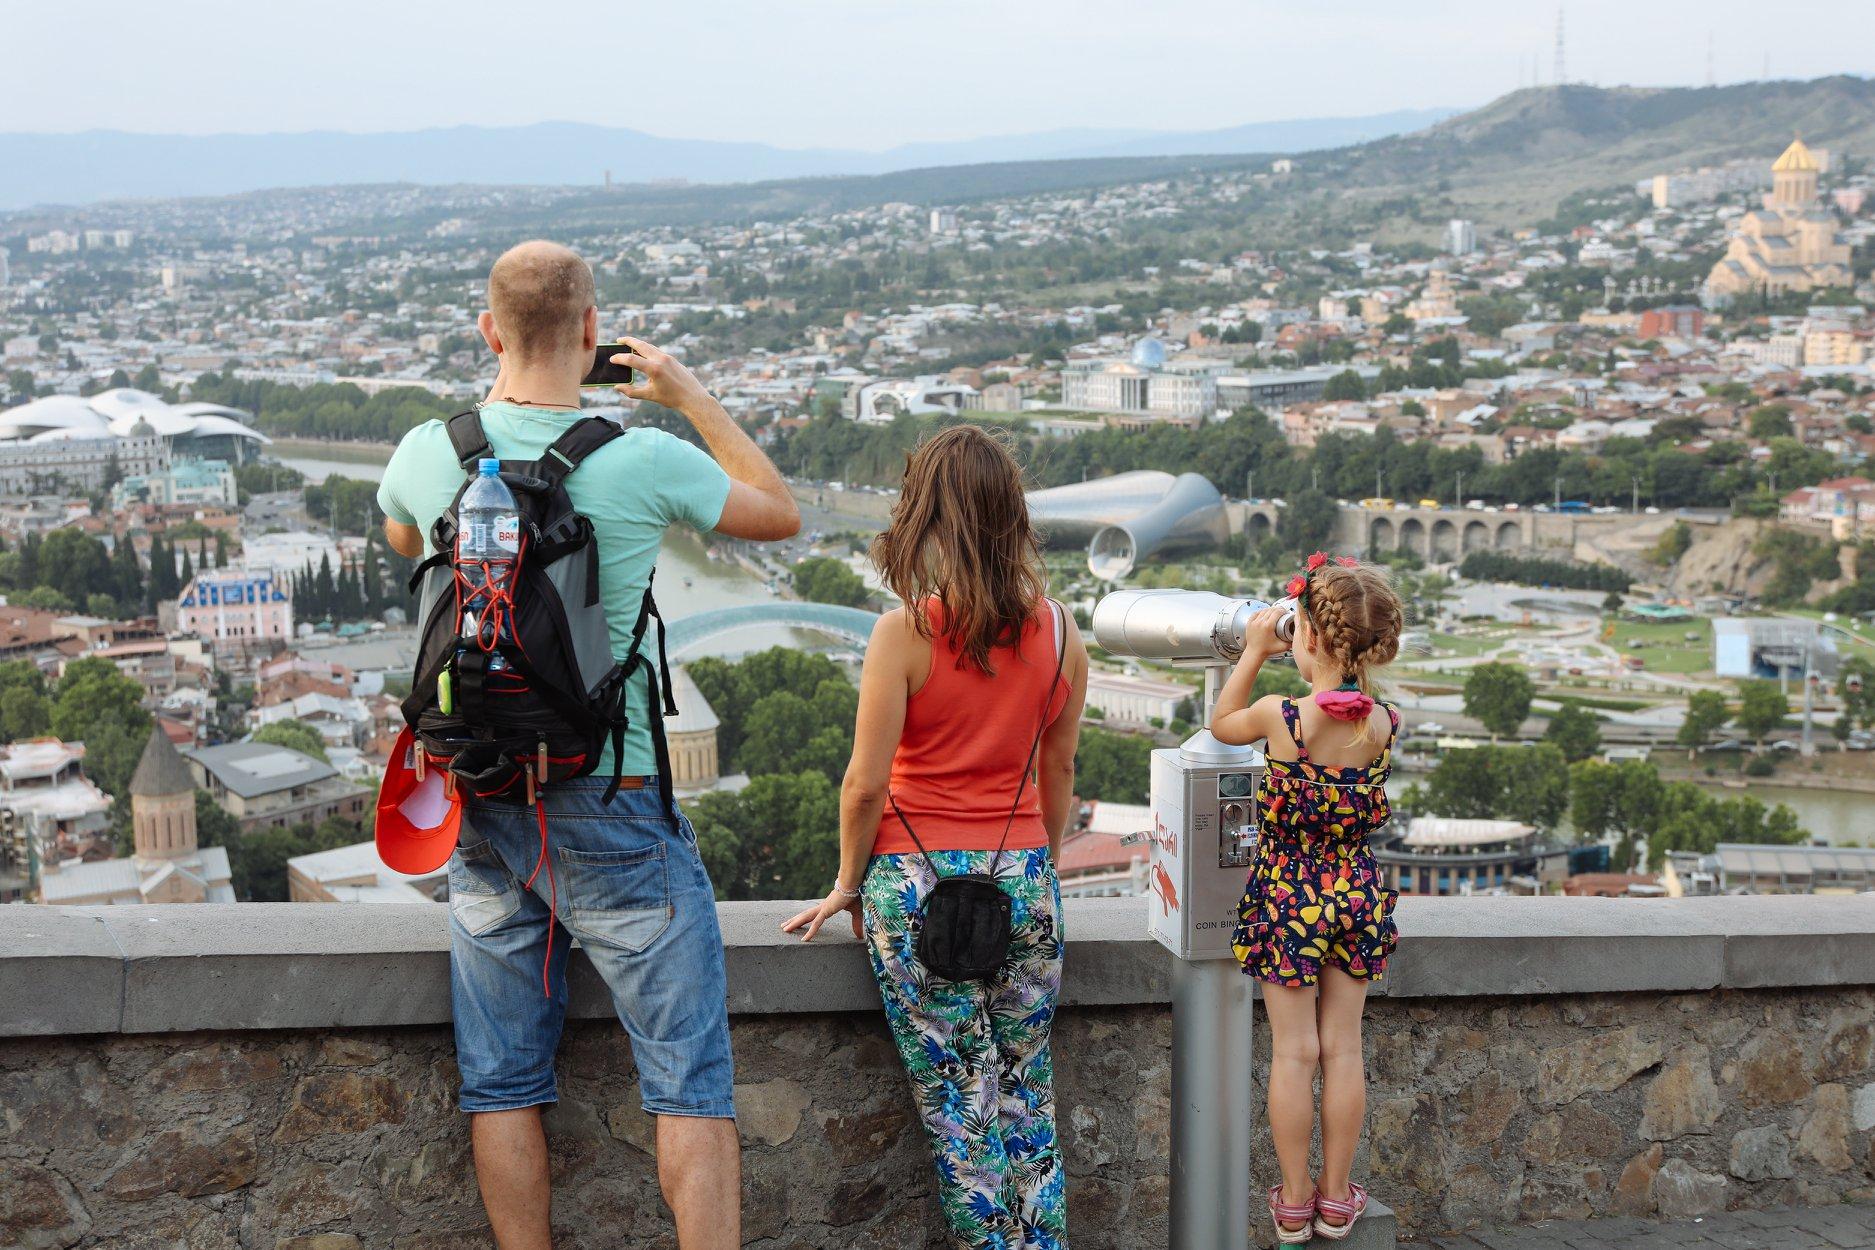 Tourists Грузстат Грузстат